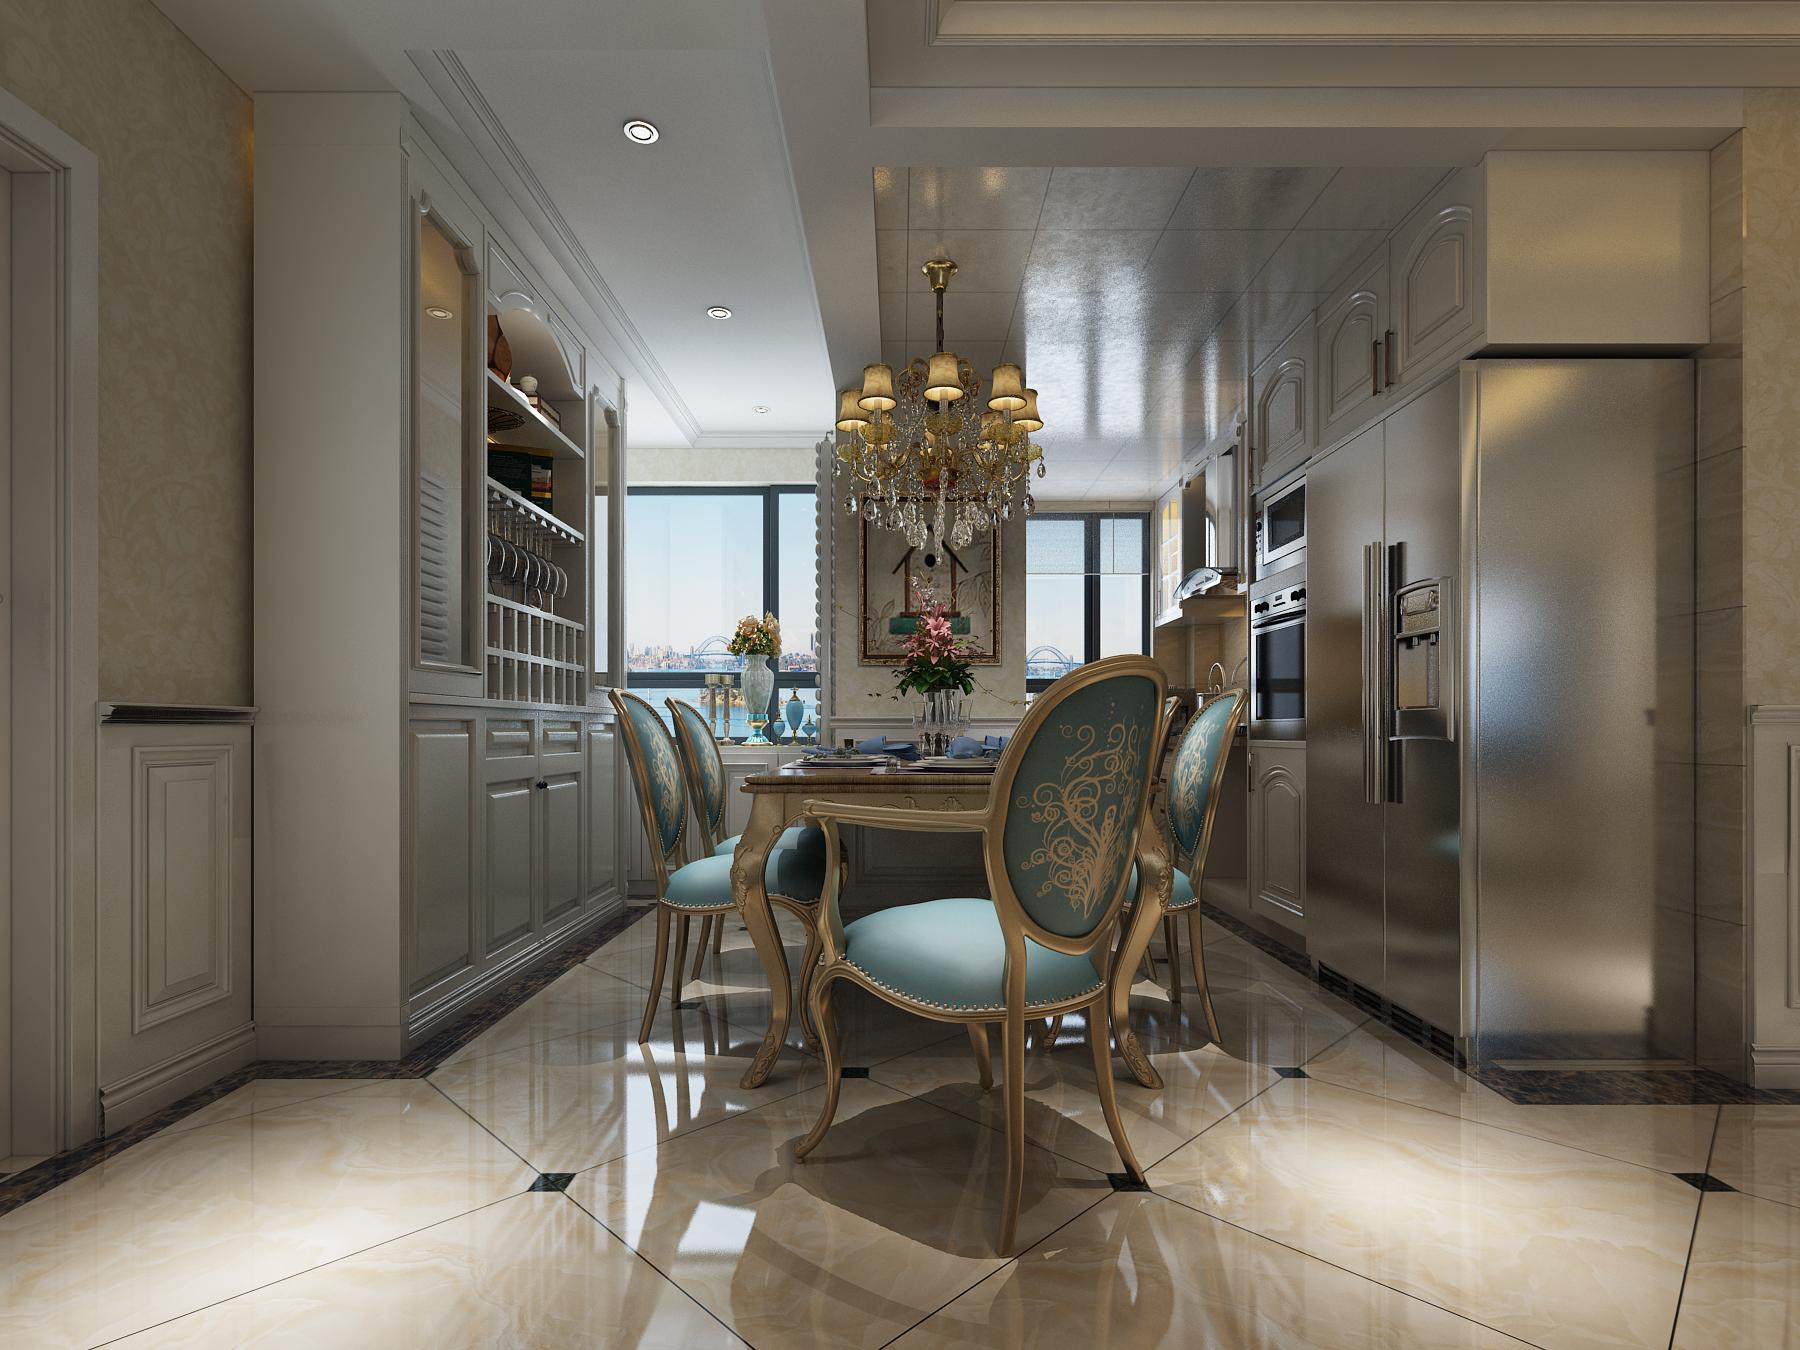 奢华欧式风格厨房装修效果图